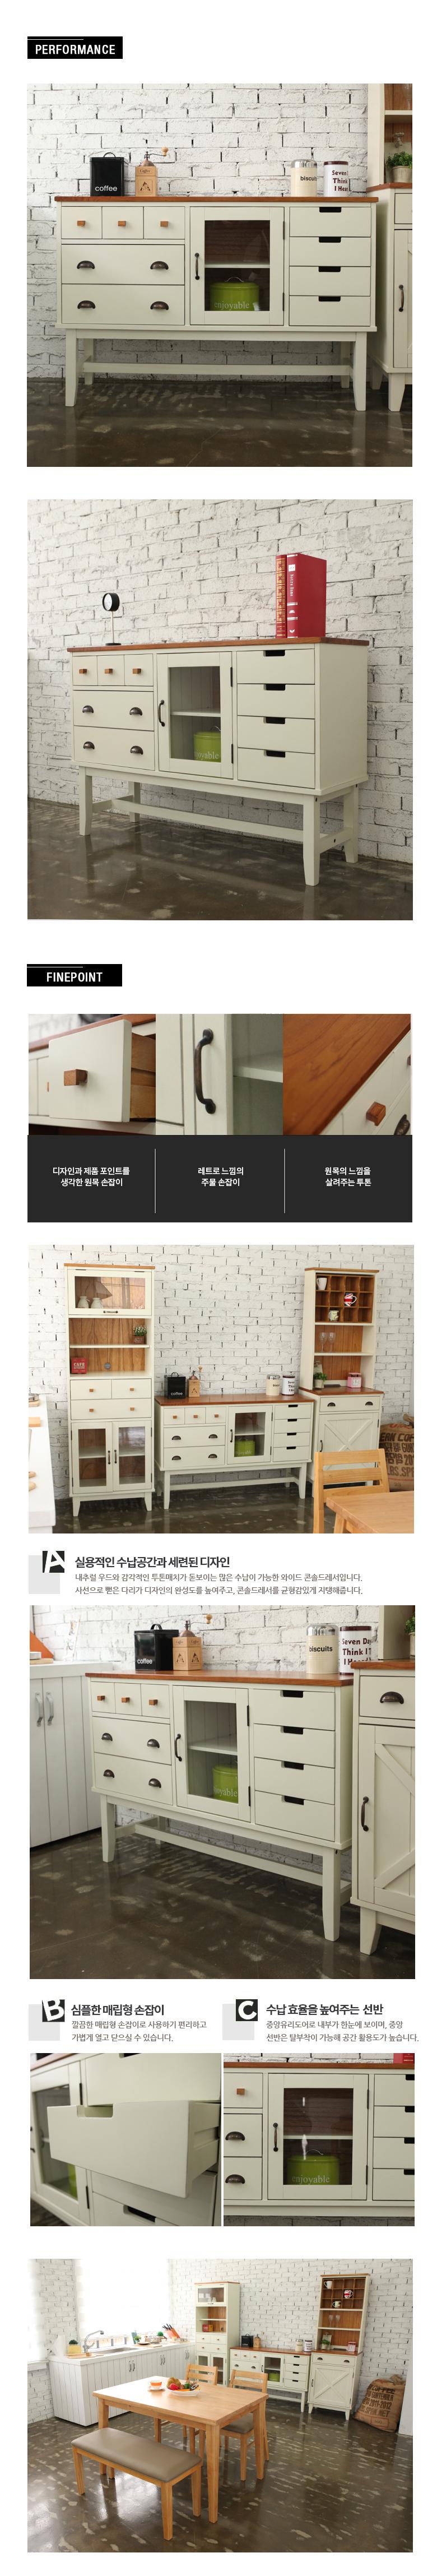 파리엔느 와이드 콘솔 드레서 (화이트) - 가구언니, 399,000원, 서랍장, 와이드 서랍장